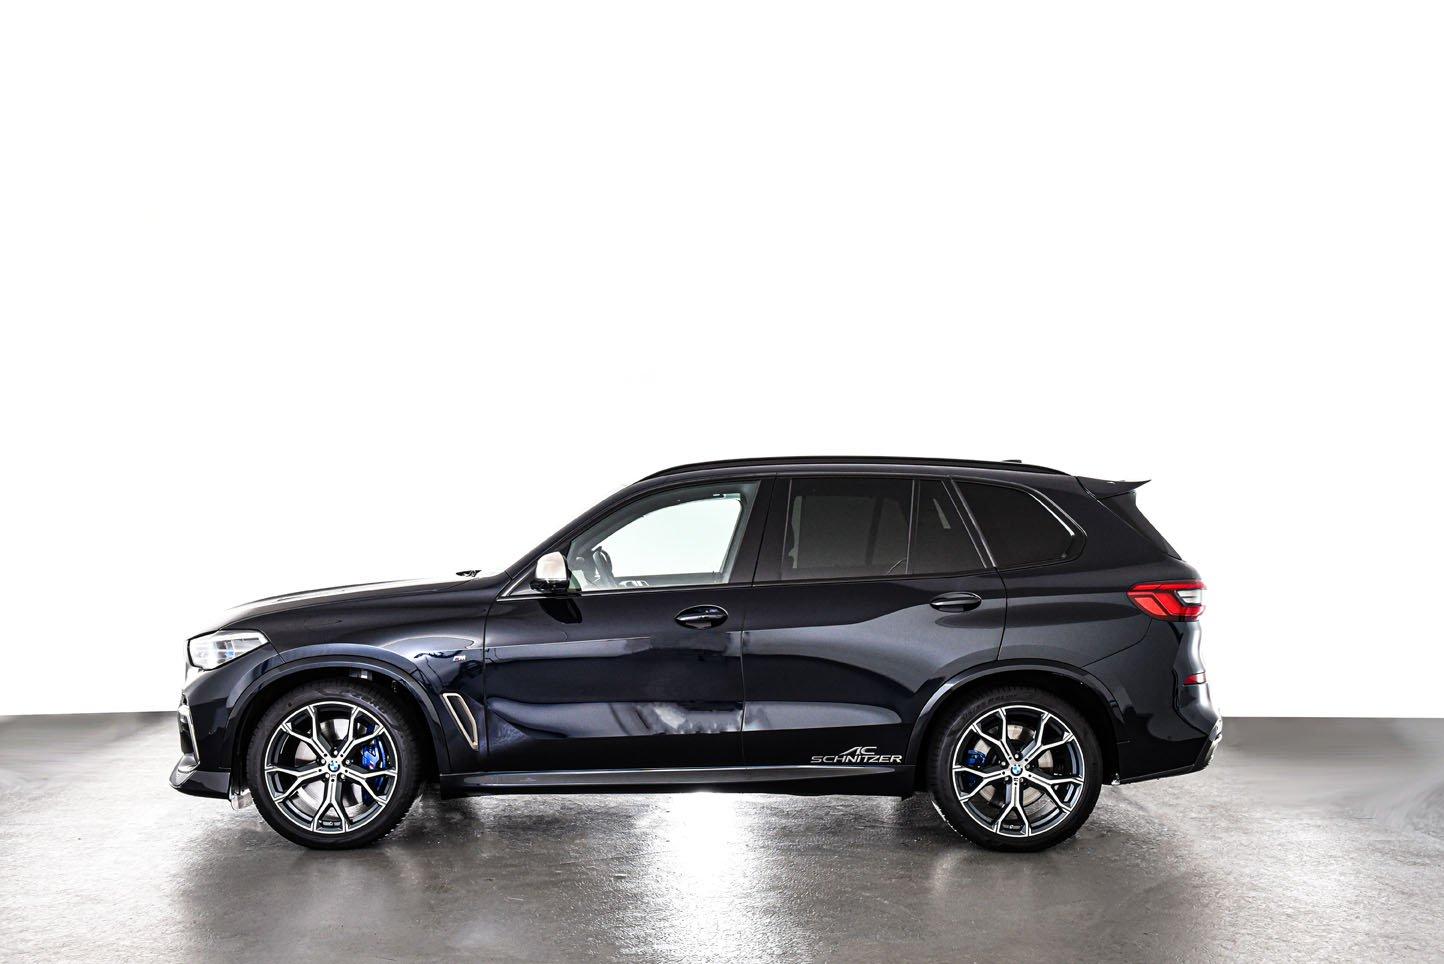 BMW-X5-by-AC-Schnitzer-2019-22